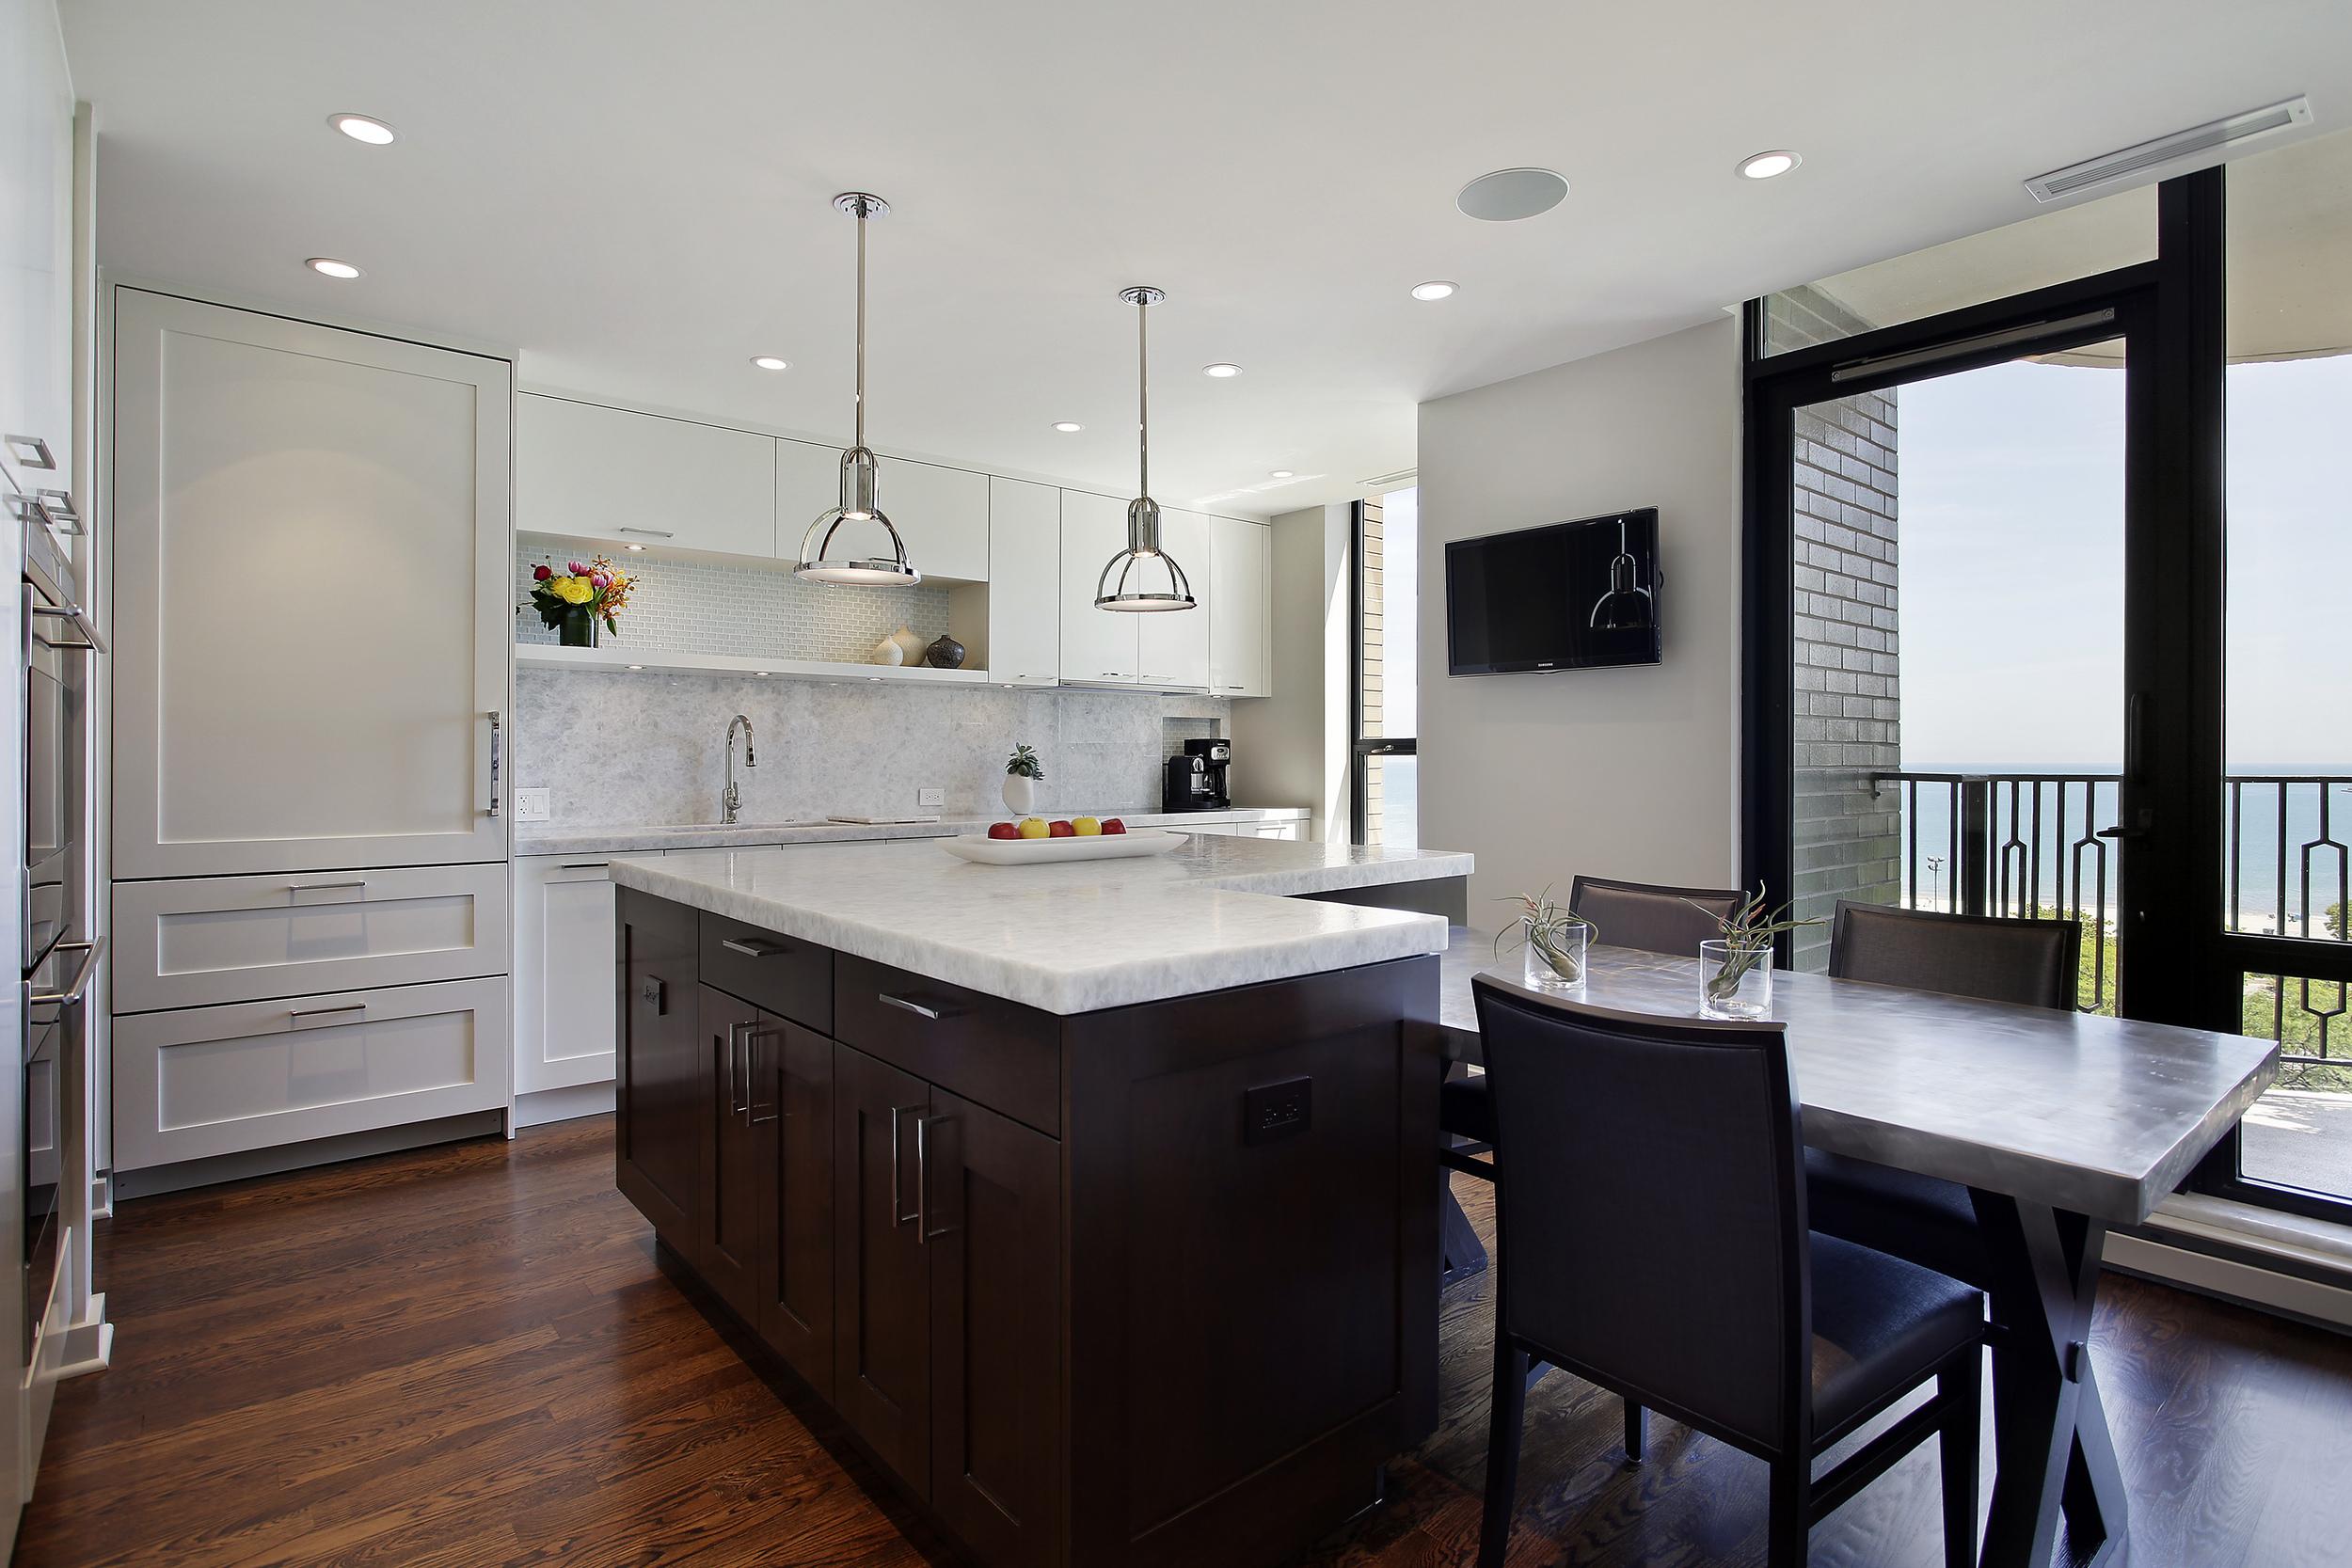 kitchen1_1040lsd.JPG